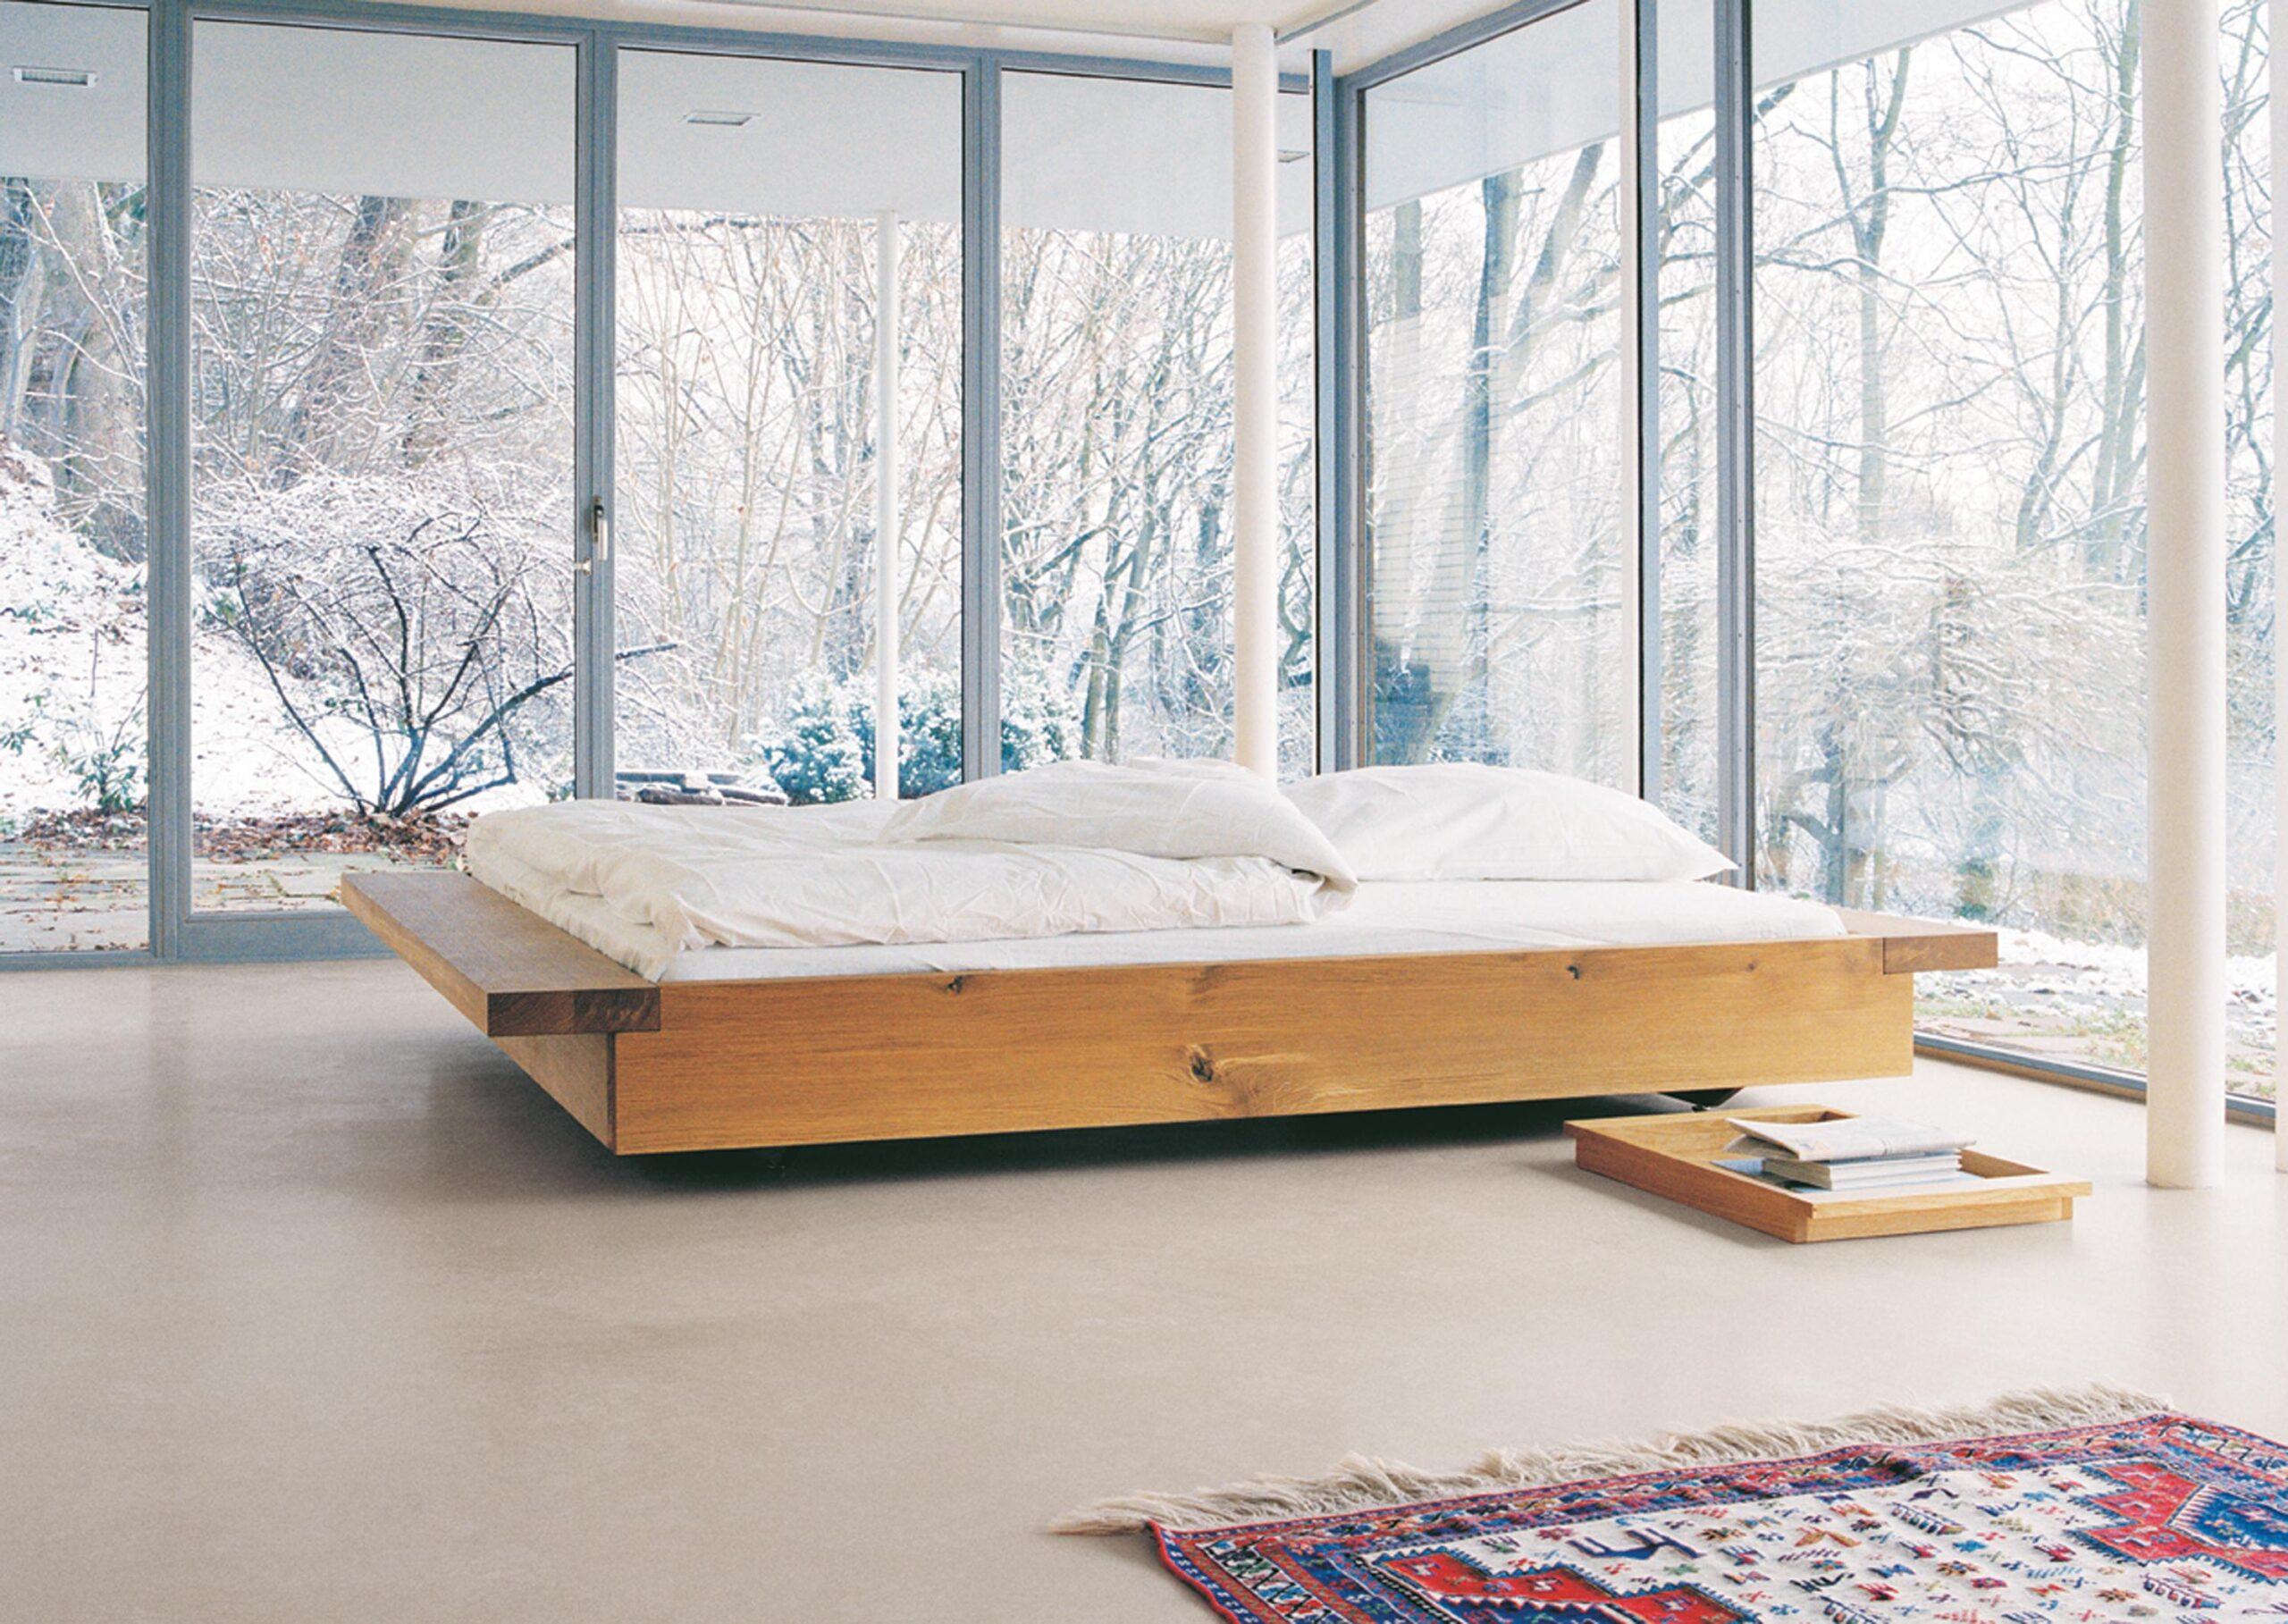 Full Size of Bett Design Holz Schlicht Massivholz Betten Doppelbett Aus Fensterfront Teppich Be Modernes Luxus Designer Esstische Stauraum Funktions 140 Weiß 90x200 Wohnzimmer Bett Design Holz